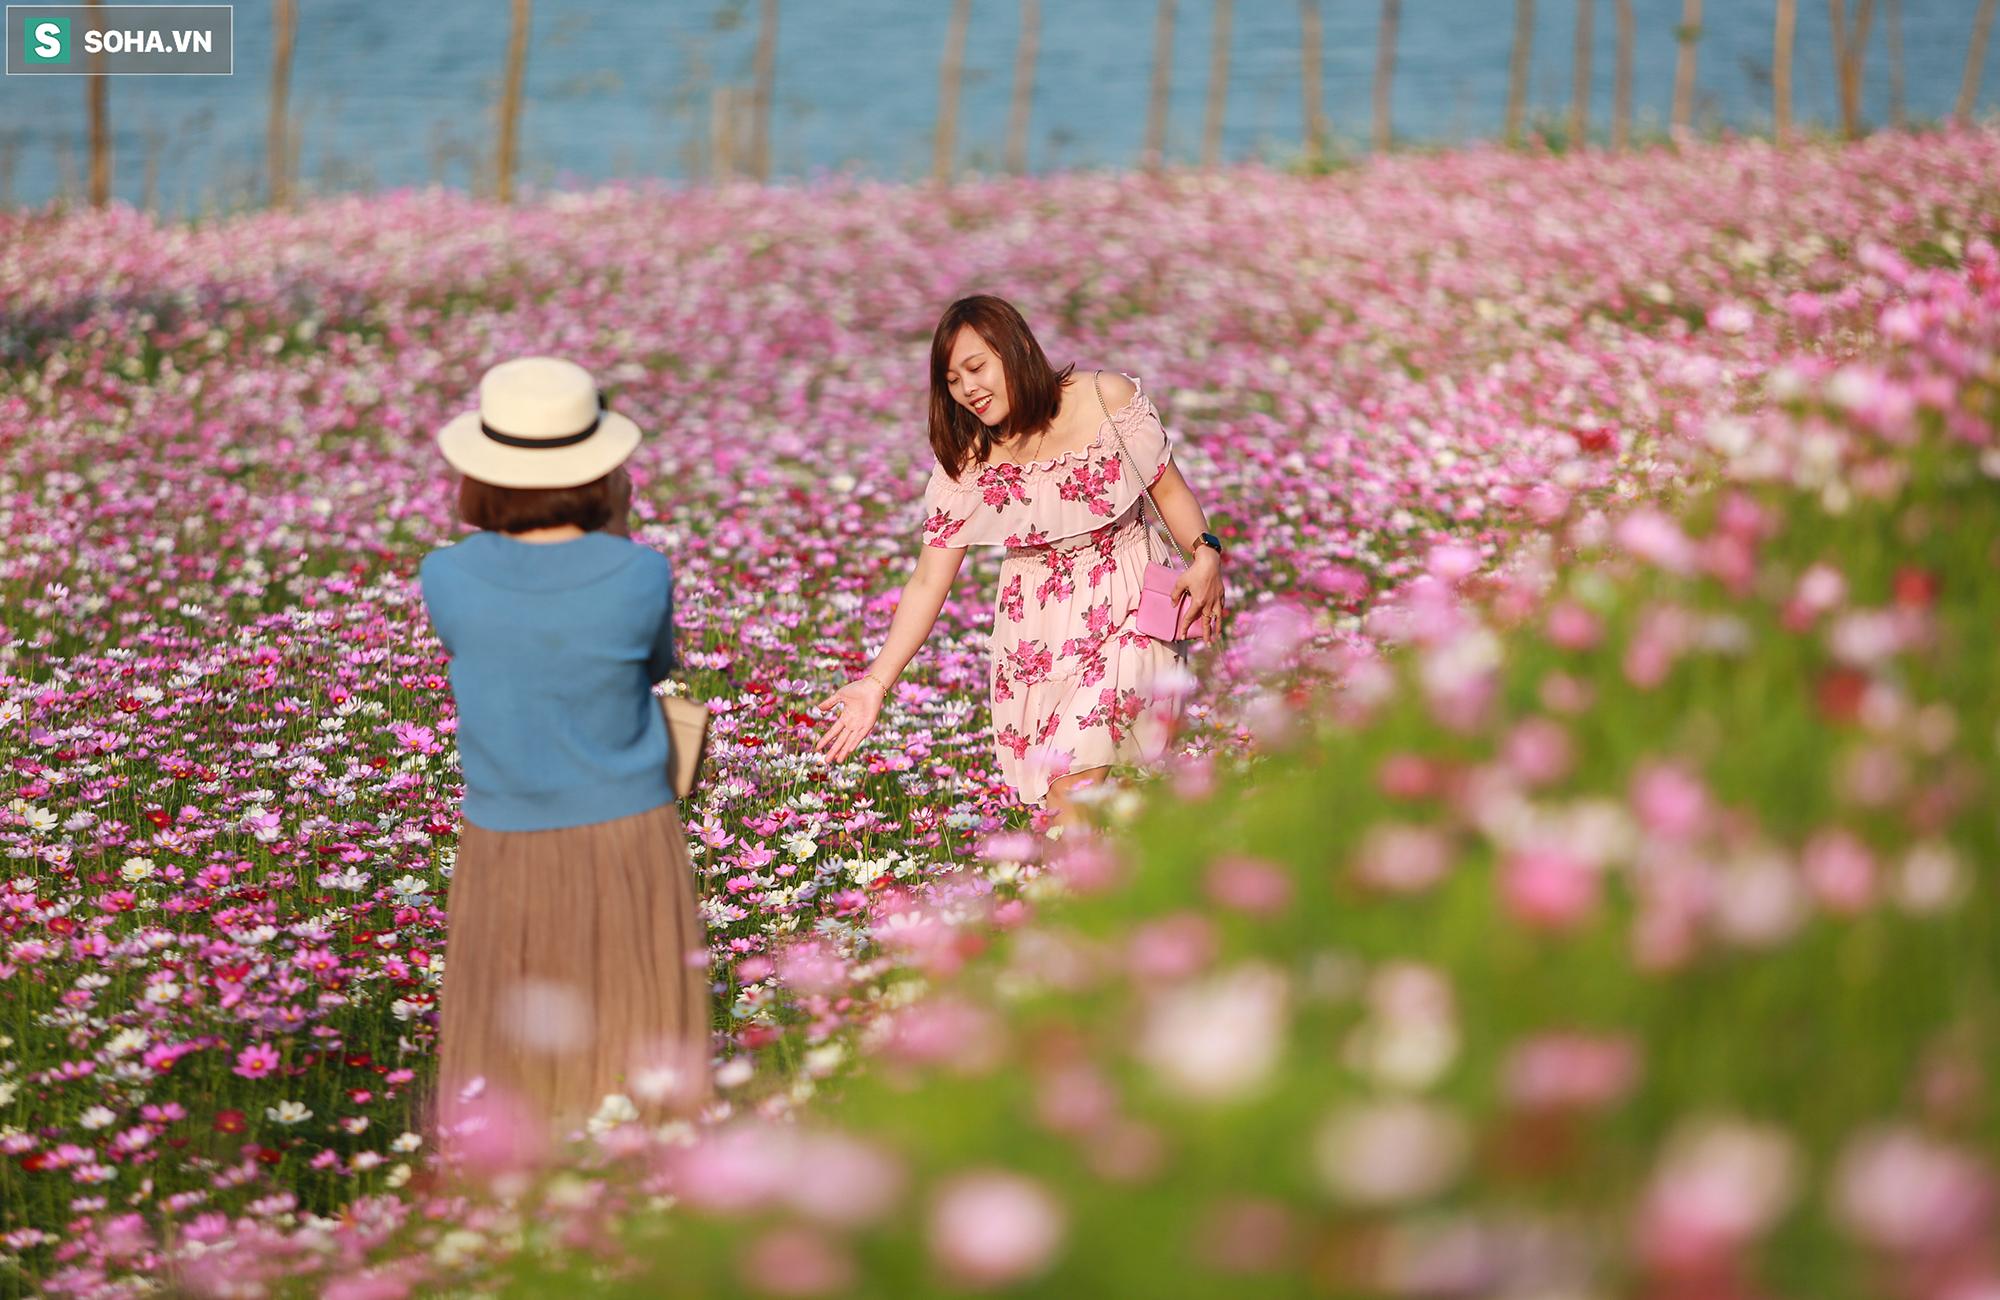 Mê mẩn cánh đồng hoa sao nhái đầy màu sắc được giới trẻ săn tìm để check-in ở Quảng Bình - Ảnh 10.